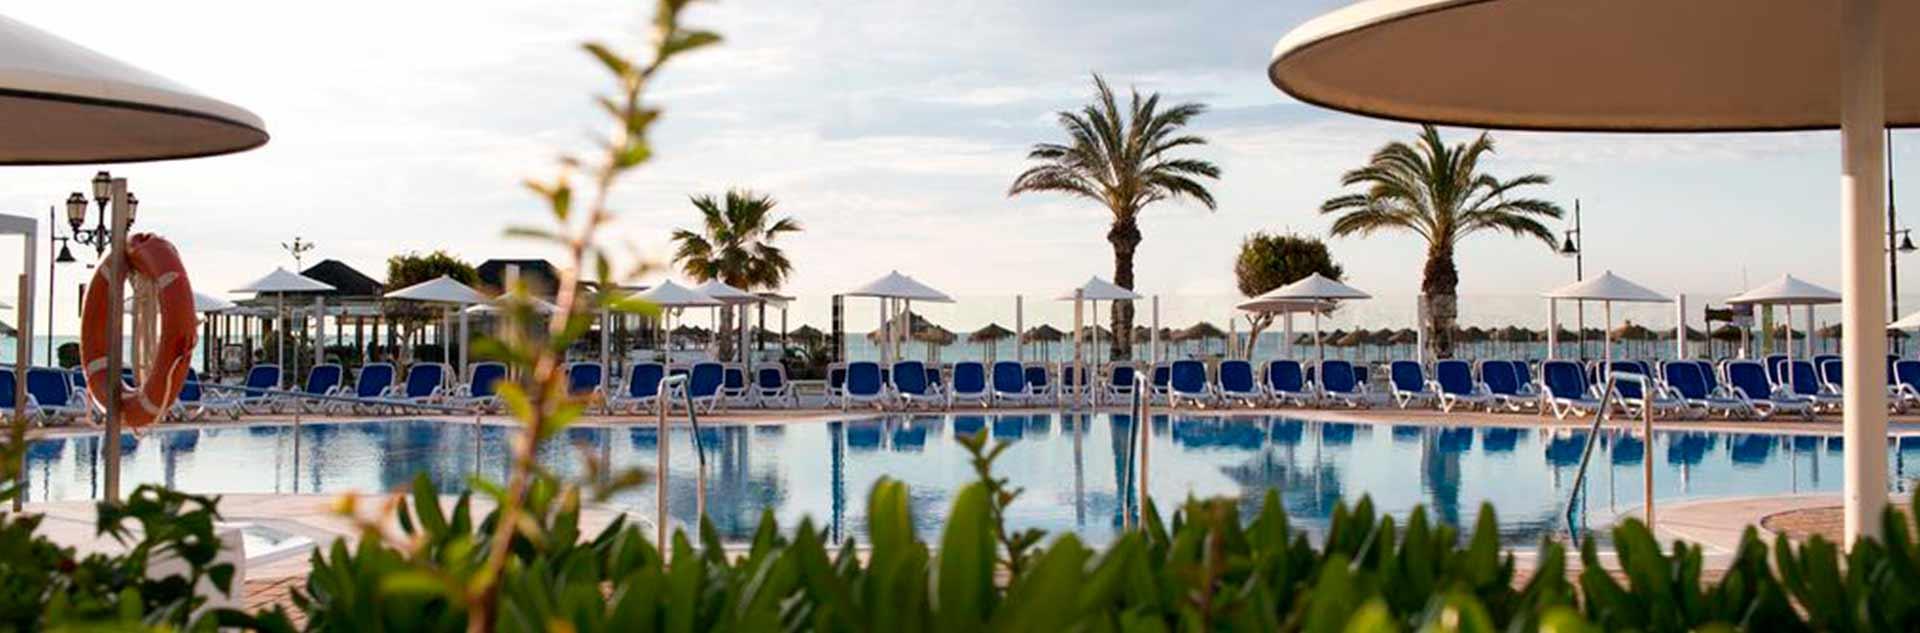 Oferta en pensión completa en Hotel Smy Costa del Sol